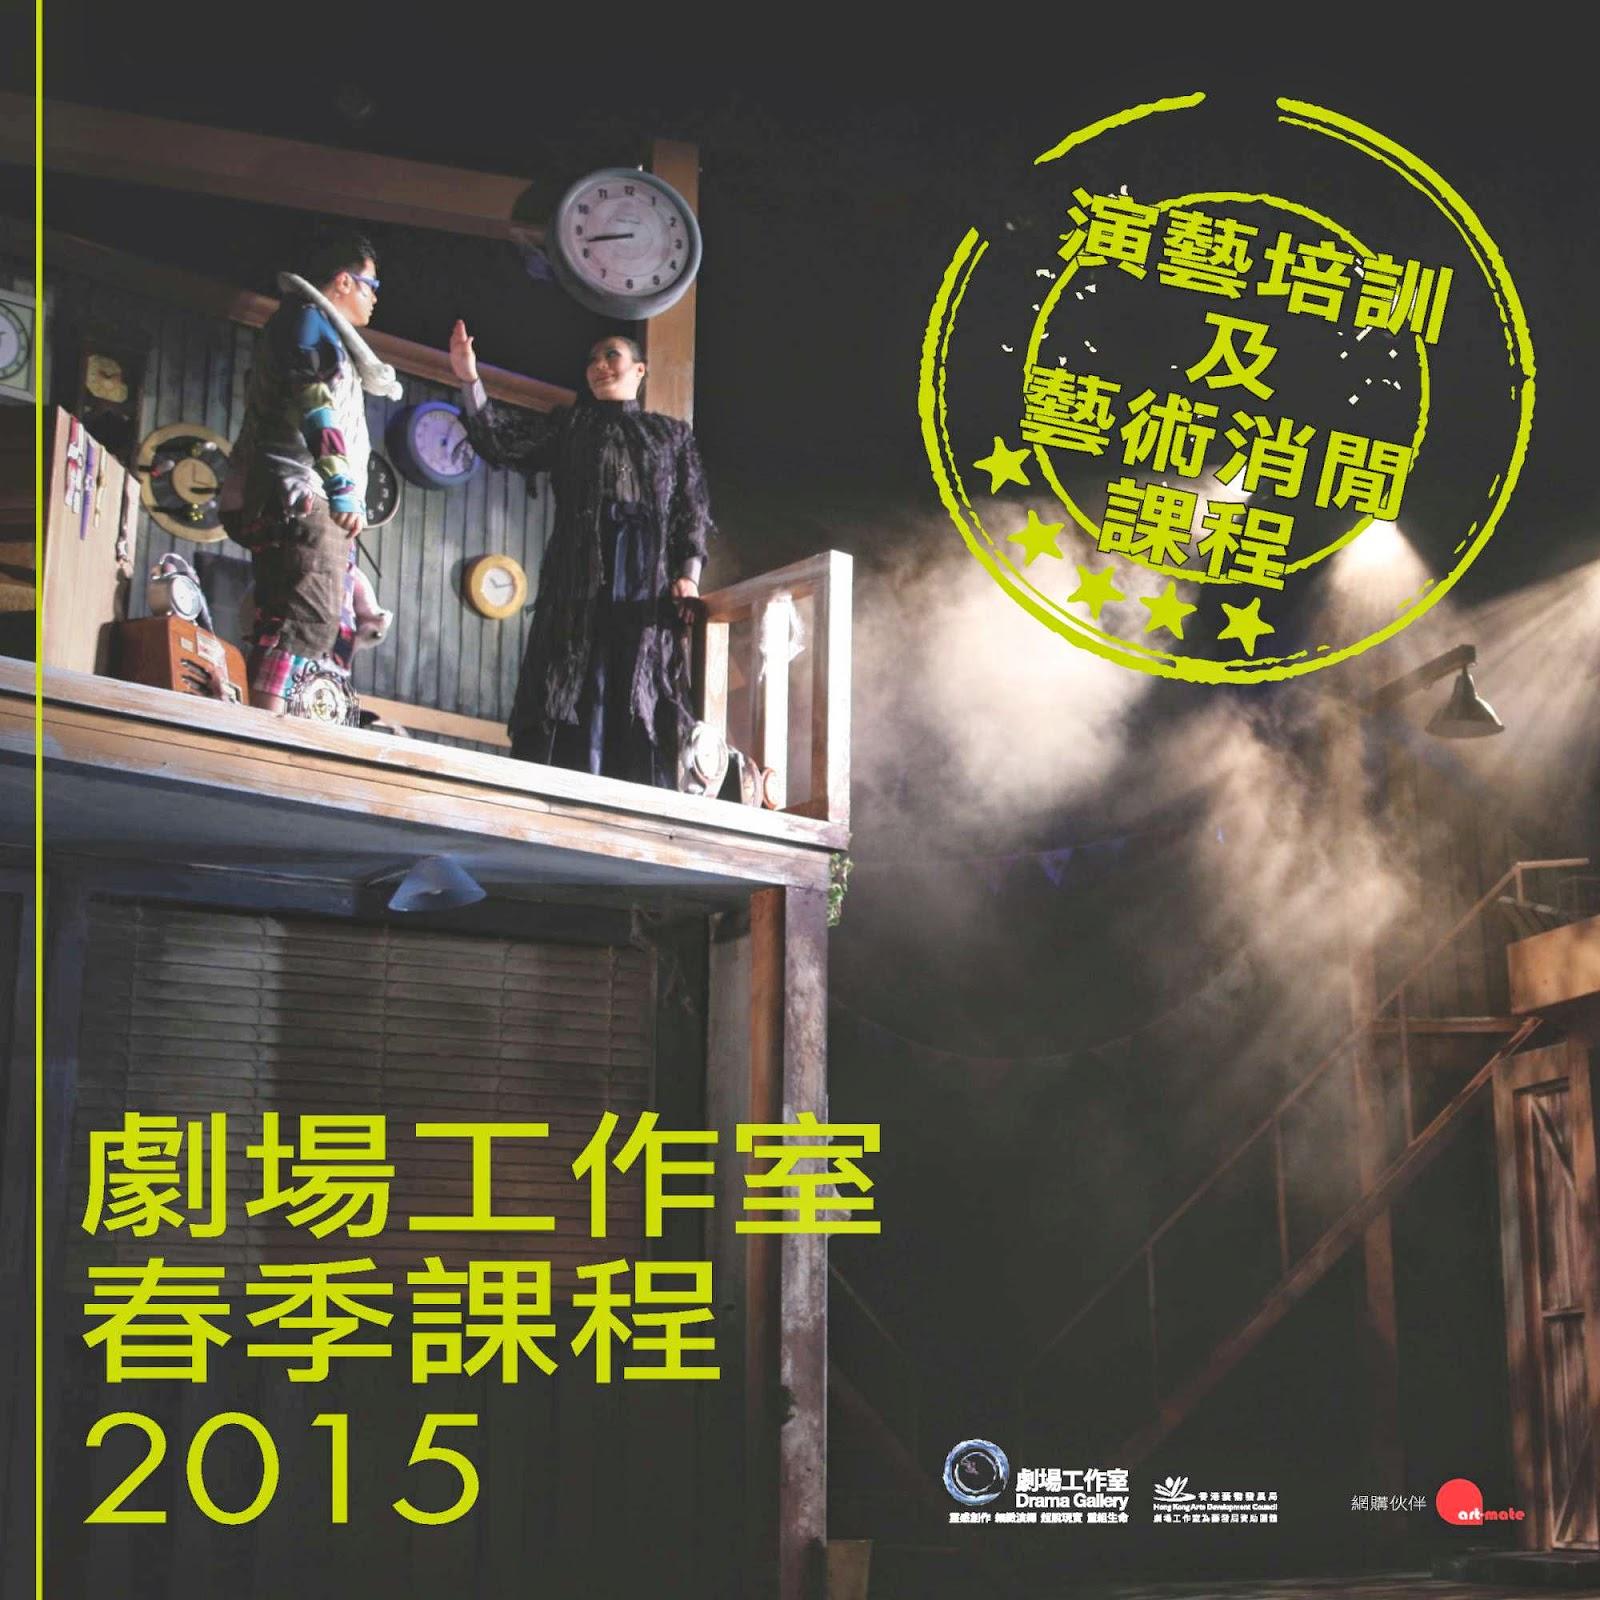 http://www.dramagallery.com/evecourse/spr2015bklet.pdf